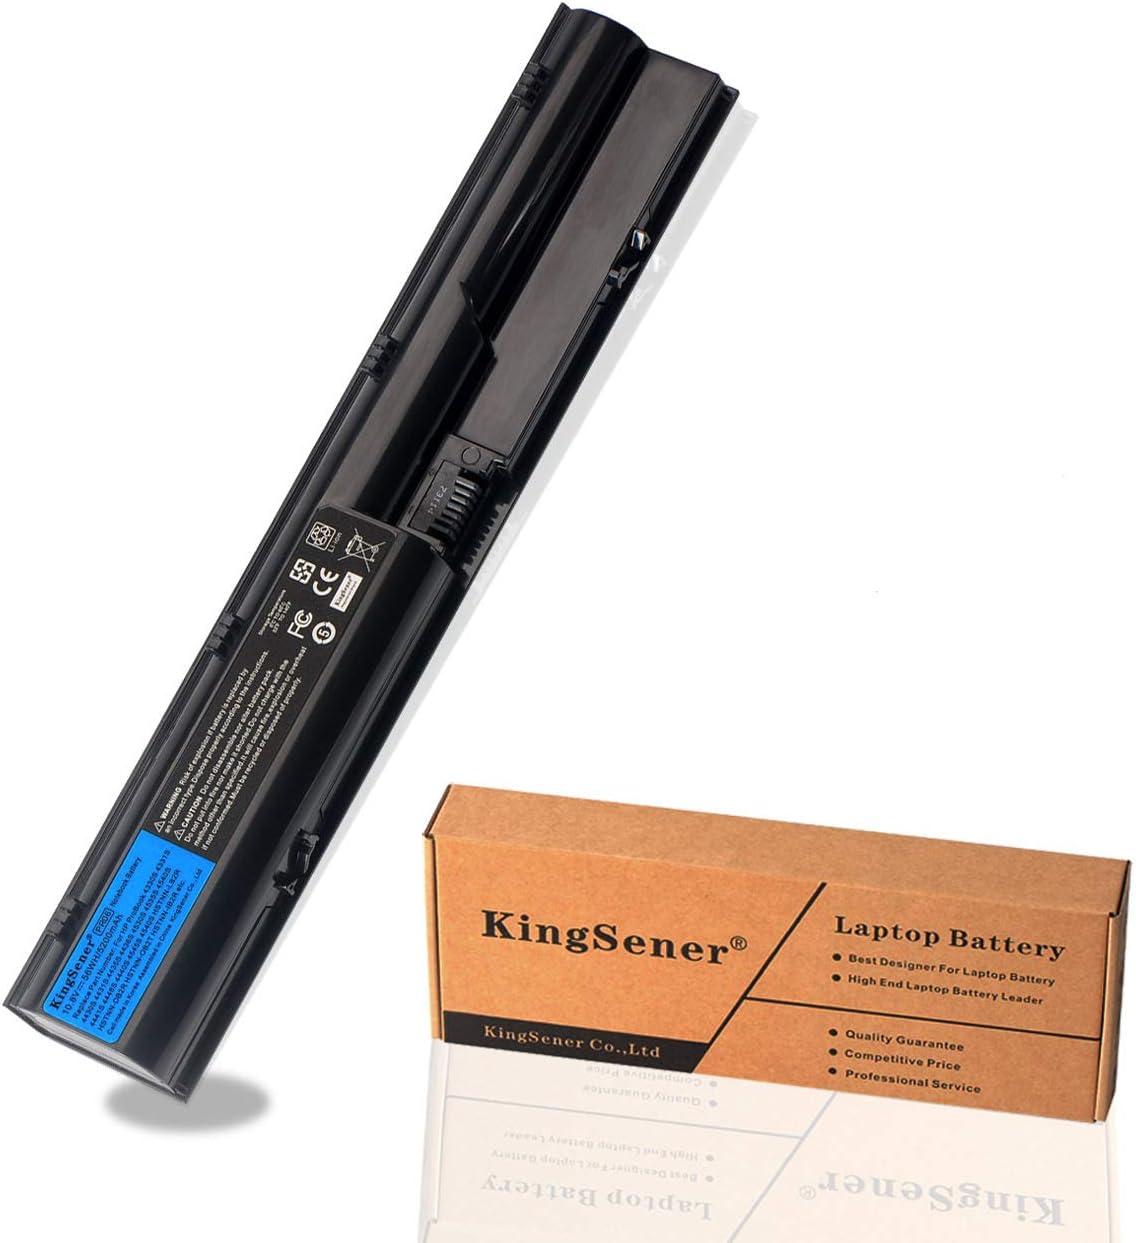 KingSener PR06 PR09 Replacement Battery for HP ProBook 4430s 4431s 4530S 4331s 4535s 4436s 4440s 4441s 4540s HSTNN-OB2R HSTNN-DB2R 633805-001(10.8V 56WH 5200mAh)